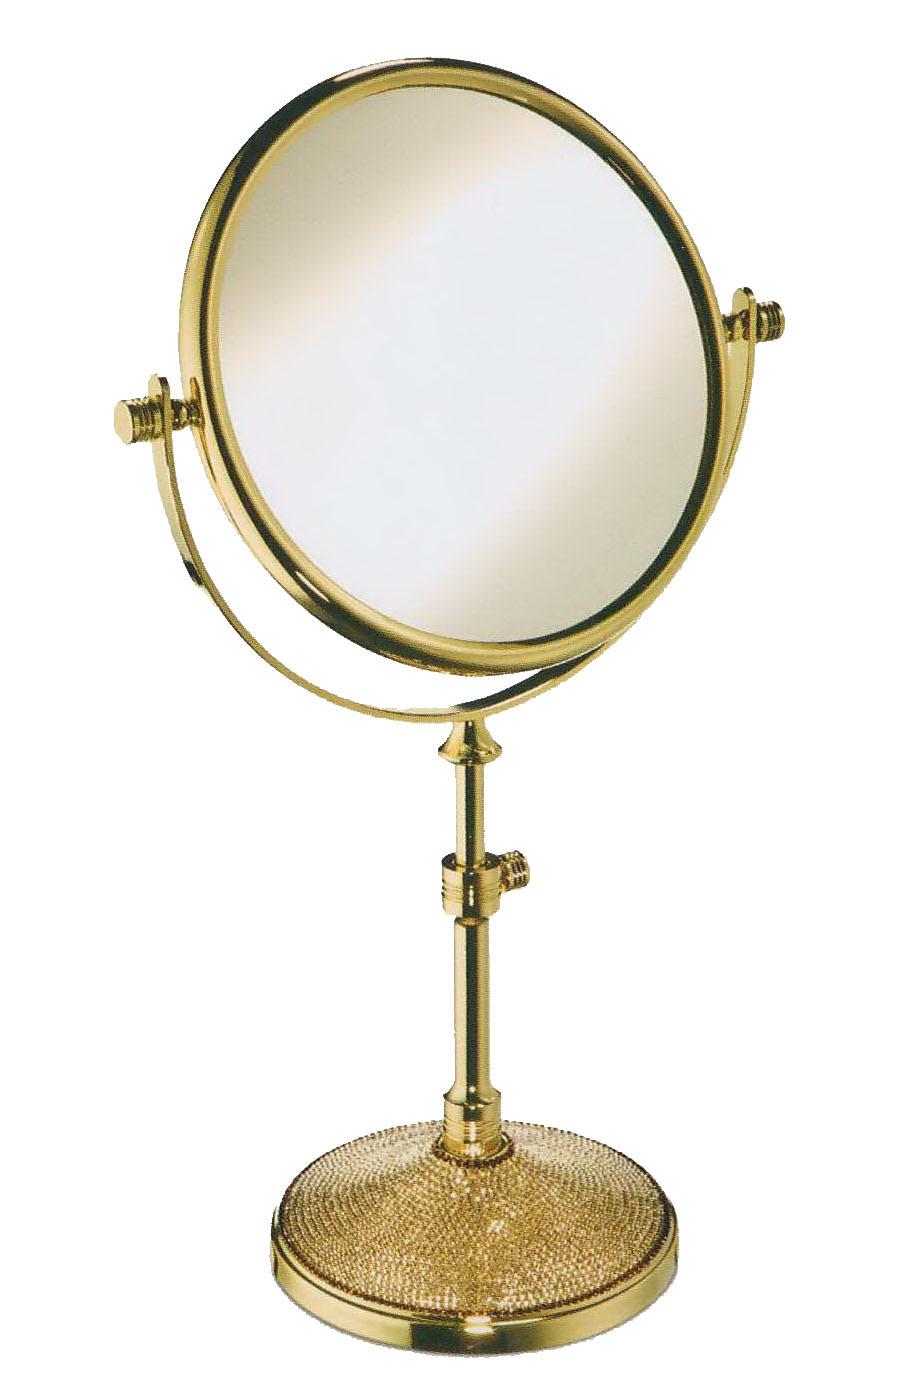 Зеркала Зеркало косметическое Windisch 99532O 7XOP Starlight elitnoe-zerkalo-kosmeticheskoe-99532o-3x-starlight-ot-windisch-ispaniya.jpg